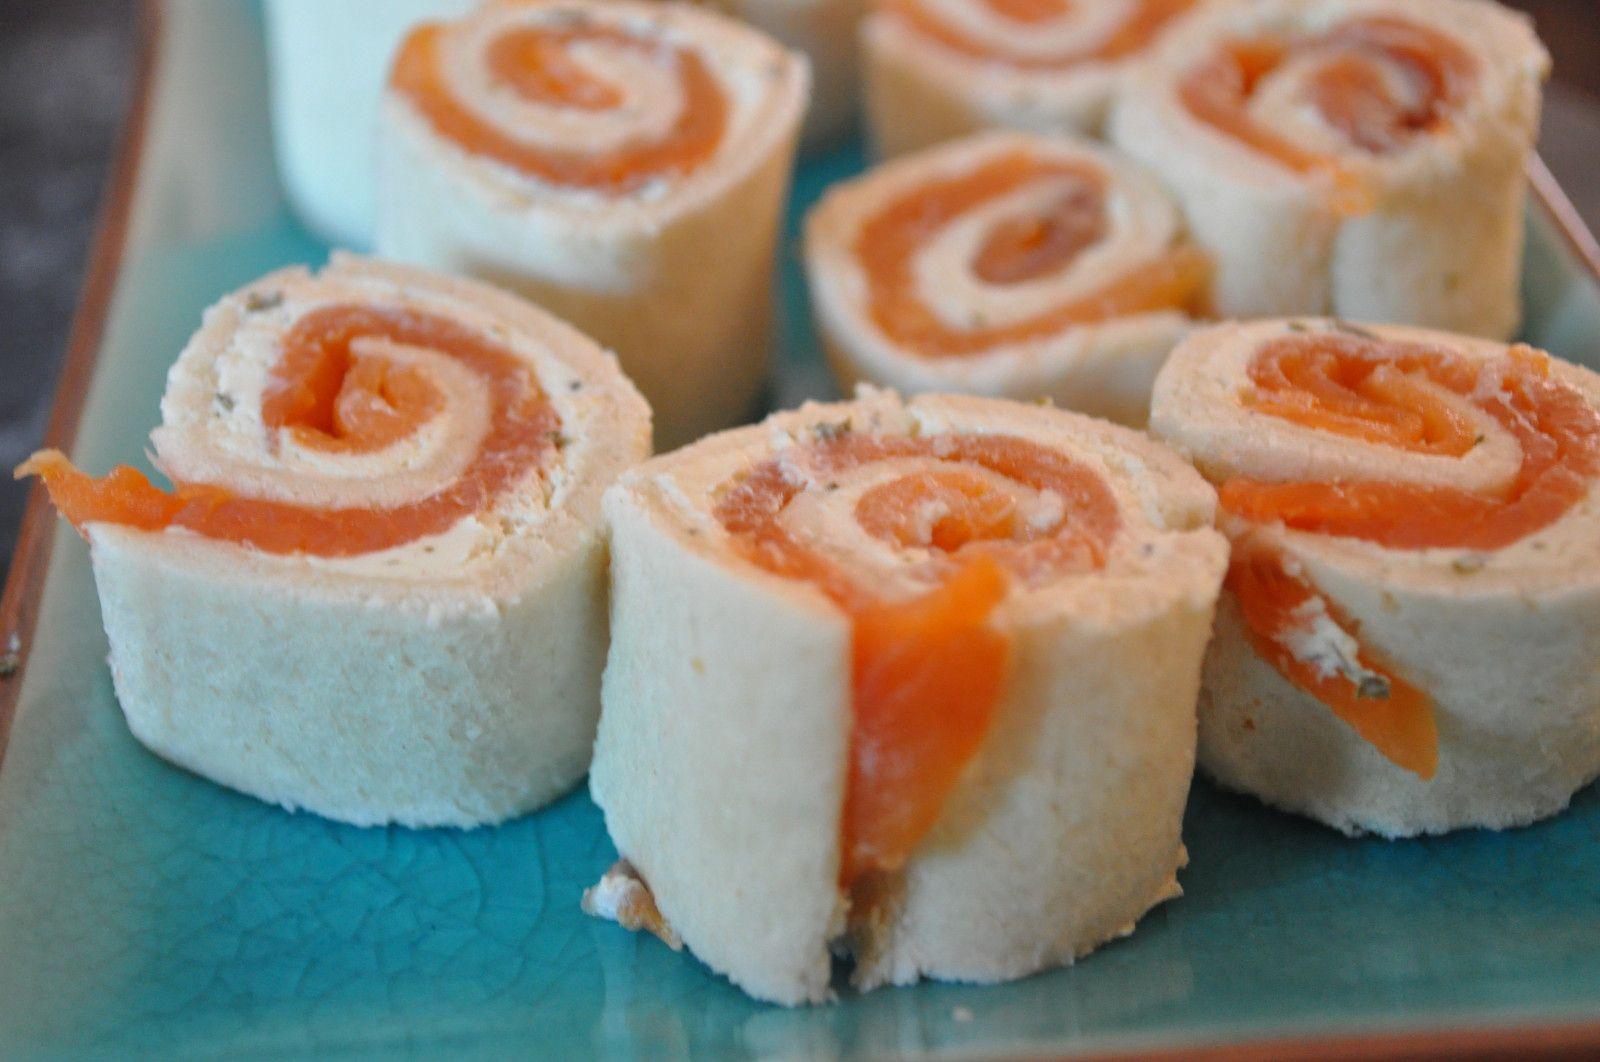 Petites bouch es roul es au pain de mie blog cuisine for Congeler du pain frais